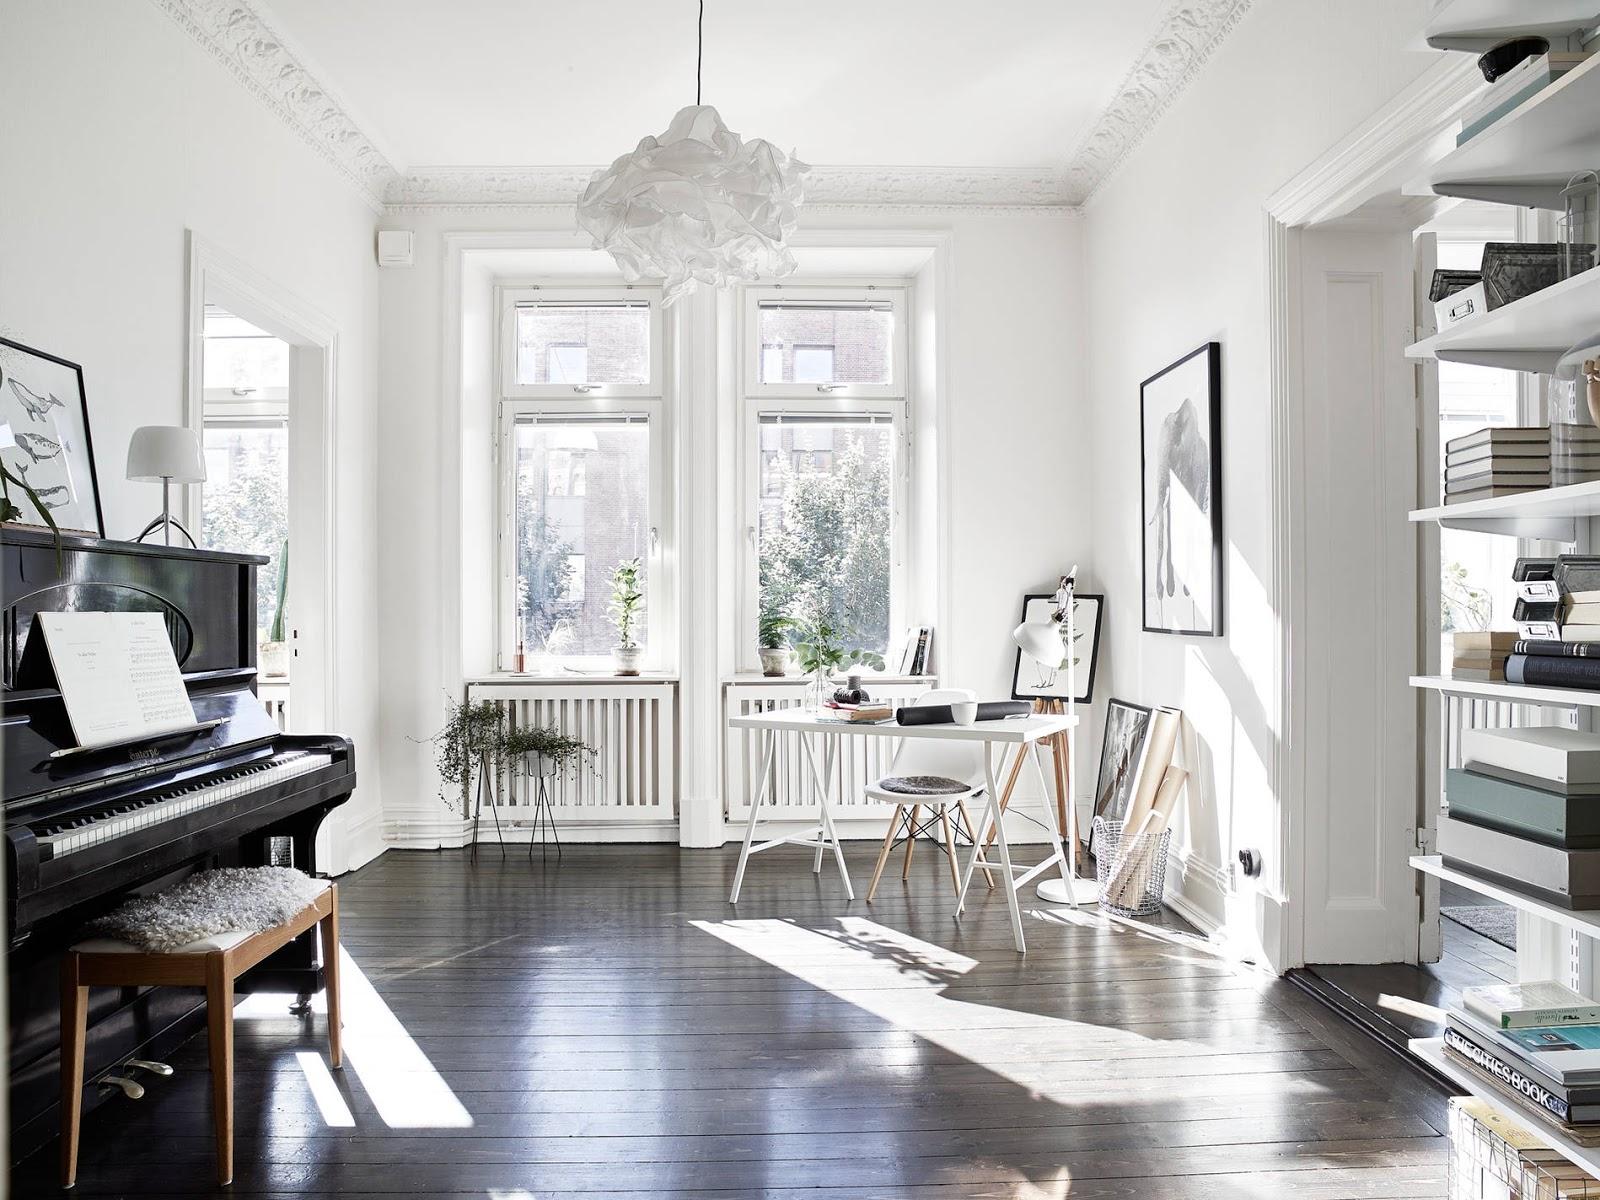 Arredamento Pavimento Scuro appartamento romantico con pareti bianche e pavimento scuro